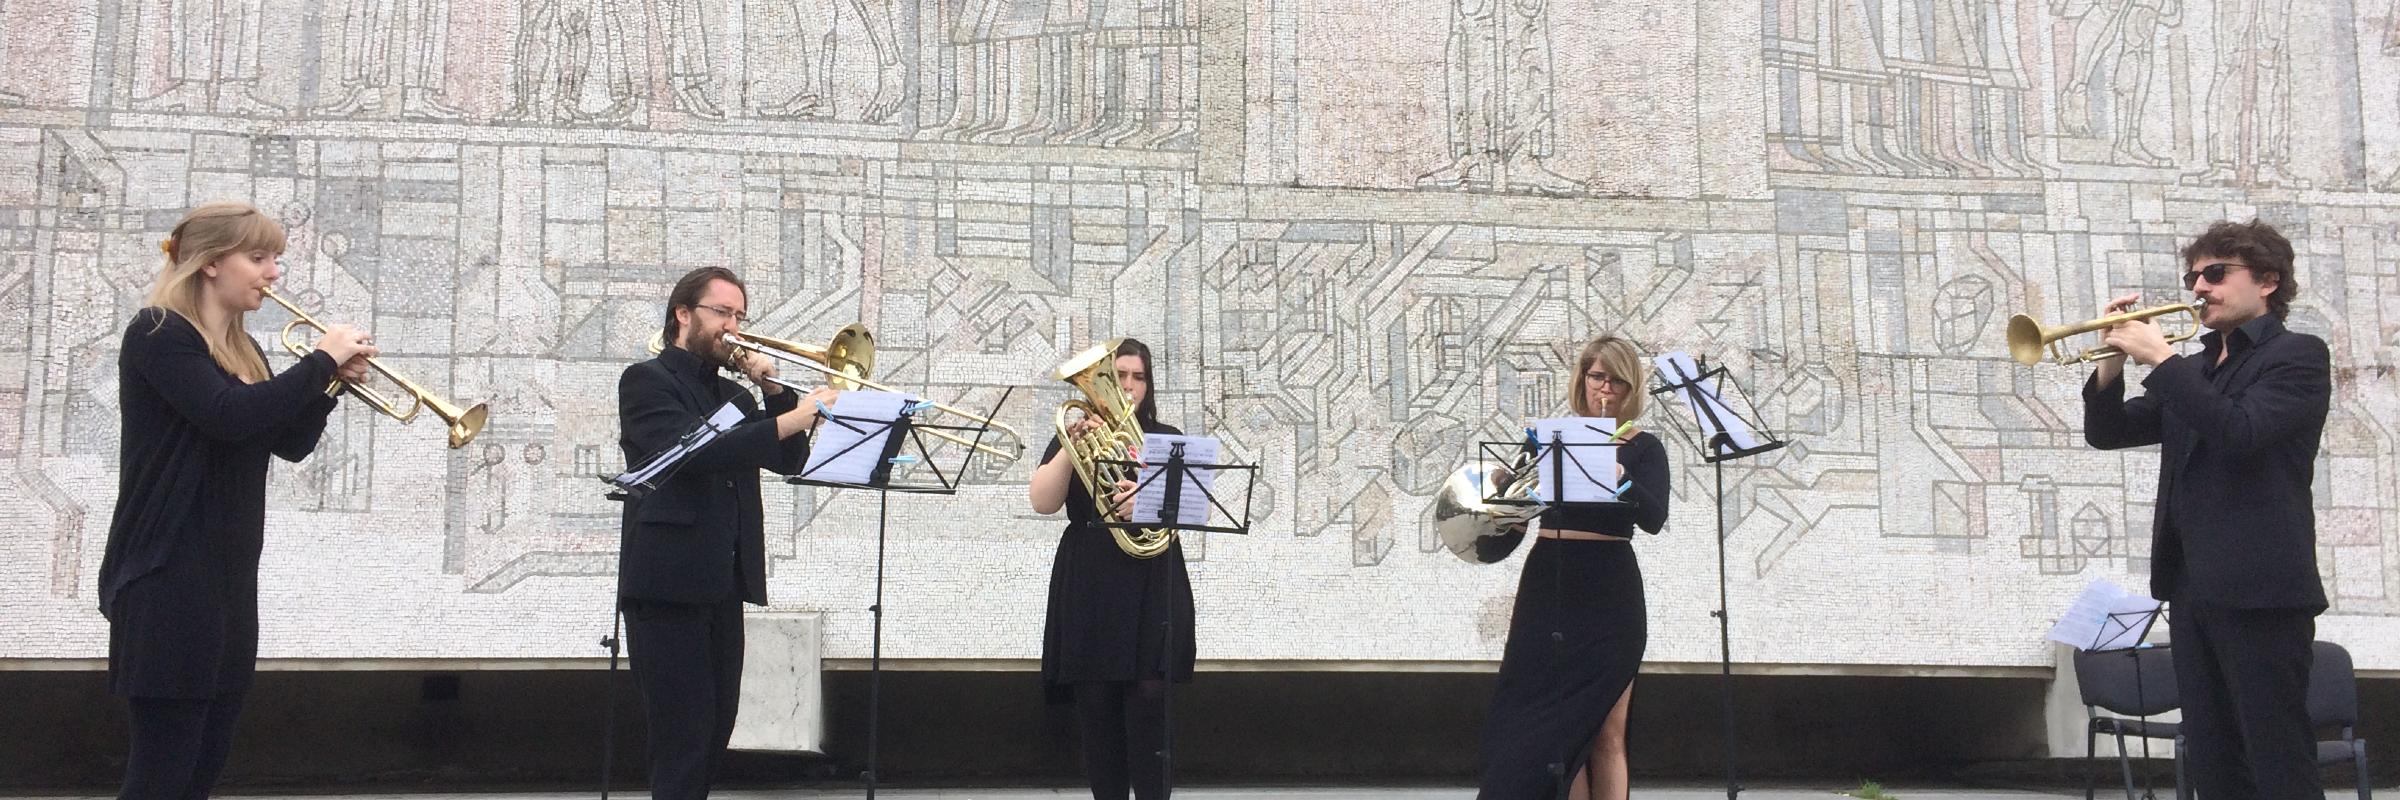 Q5 - Brass Quintet, groupe de musique Film en représentation à Paris - photo de couverture n° 4